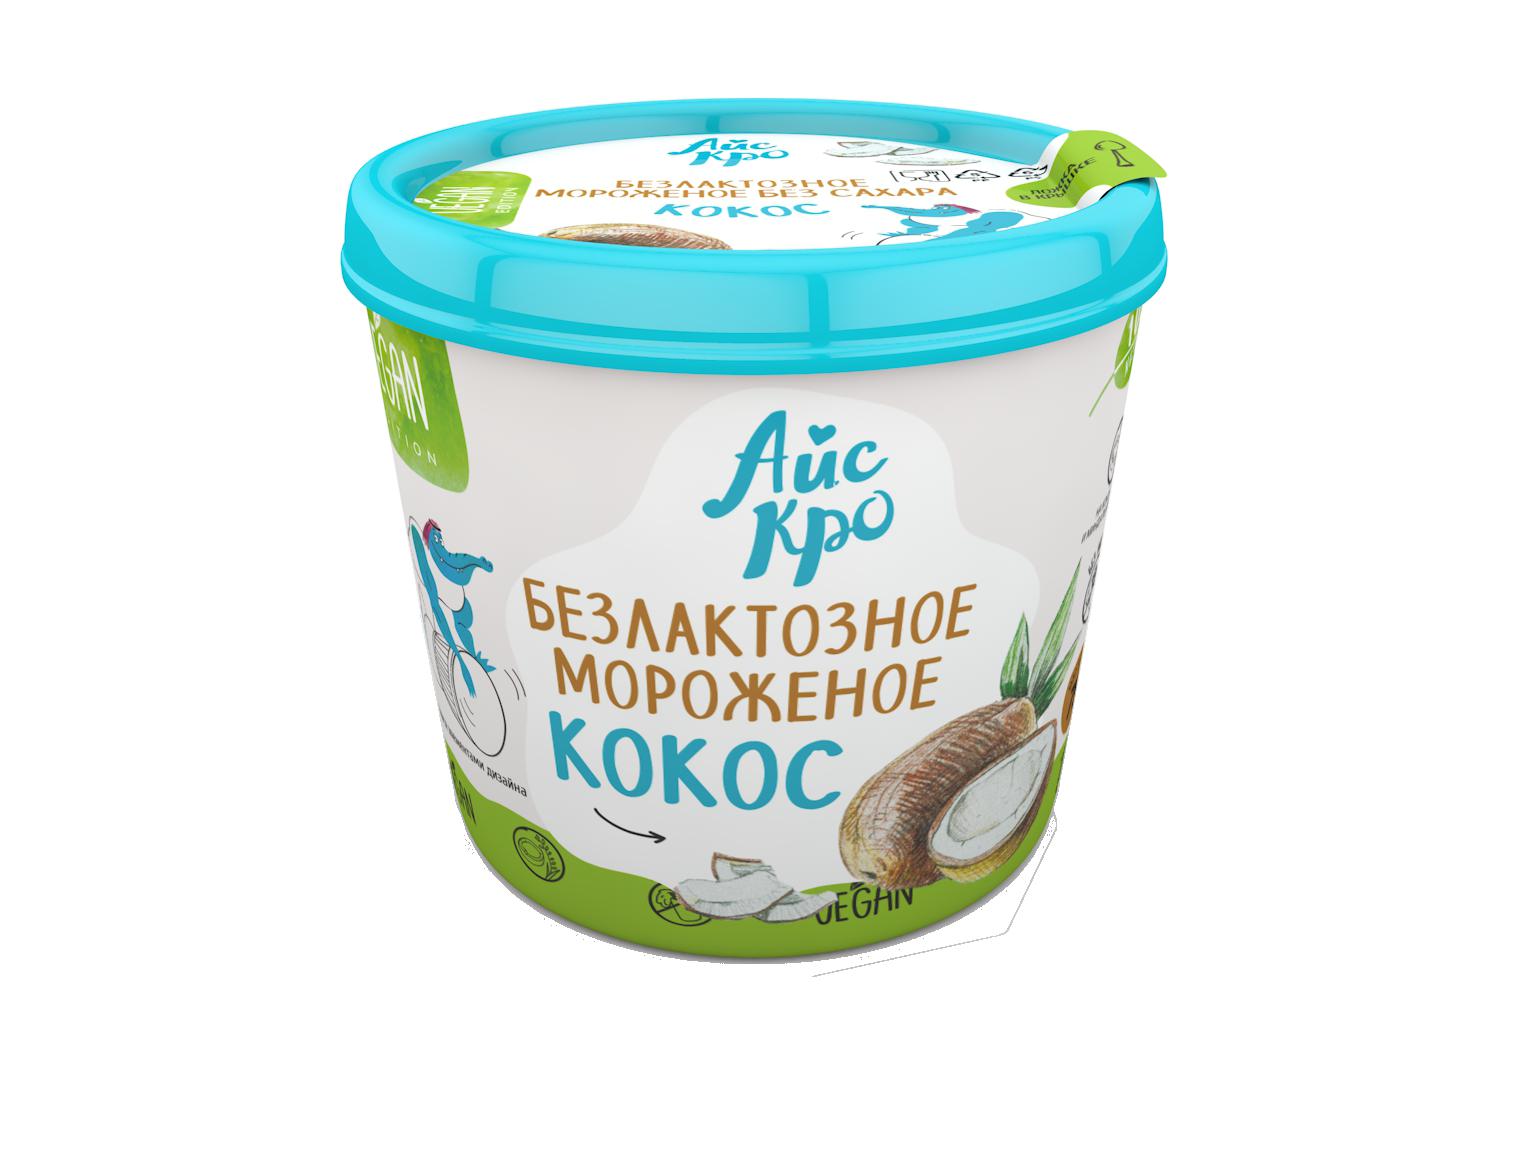 безлактозное мороженое айскро кокос